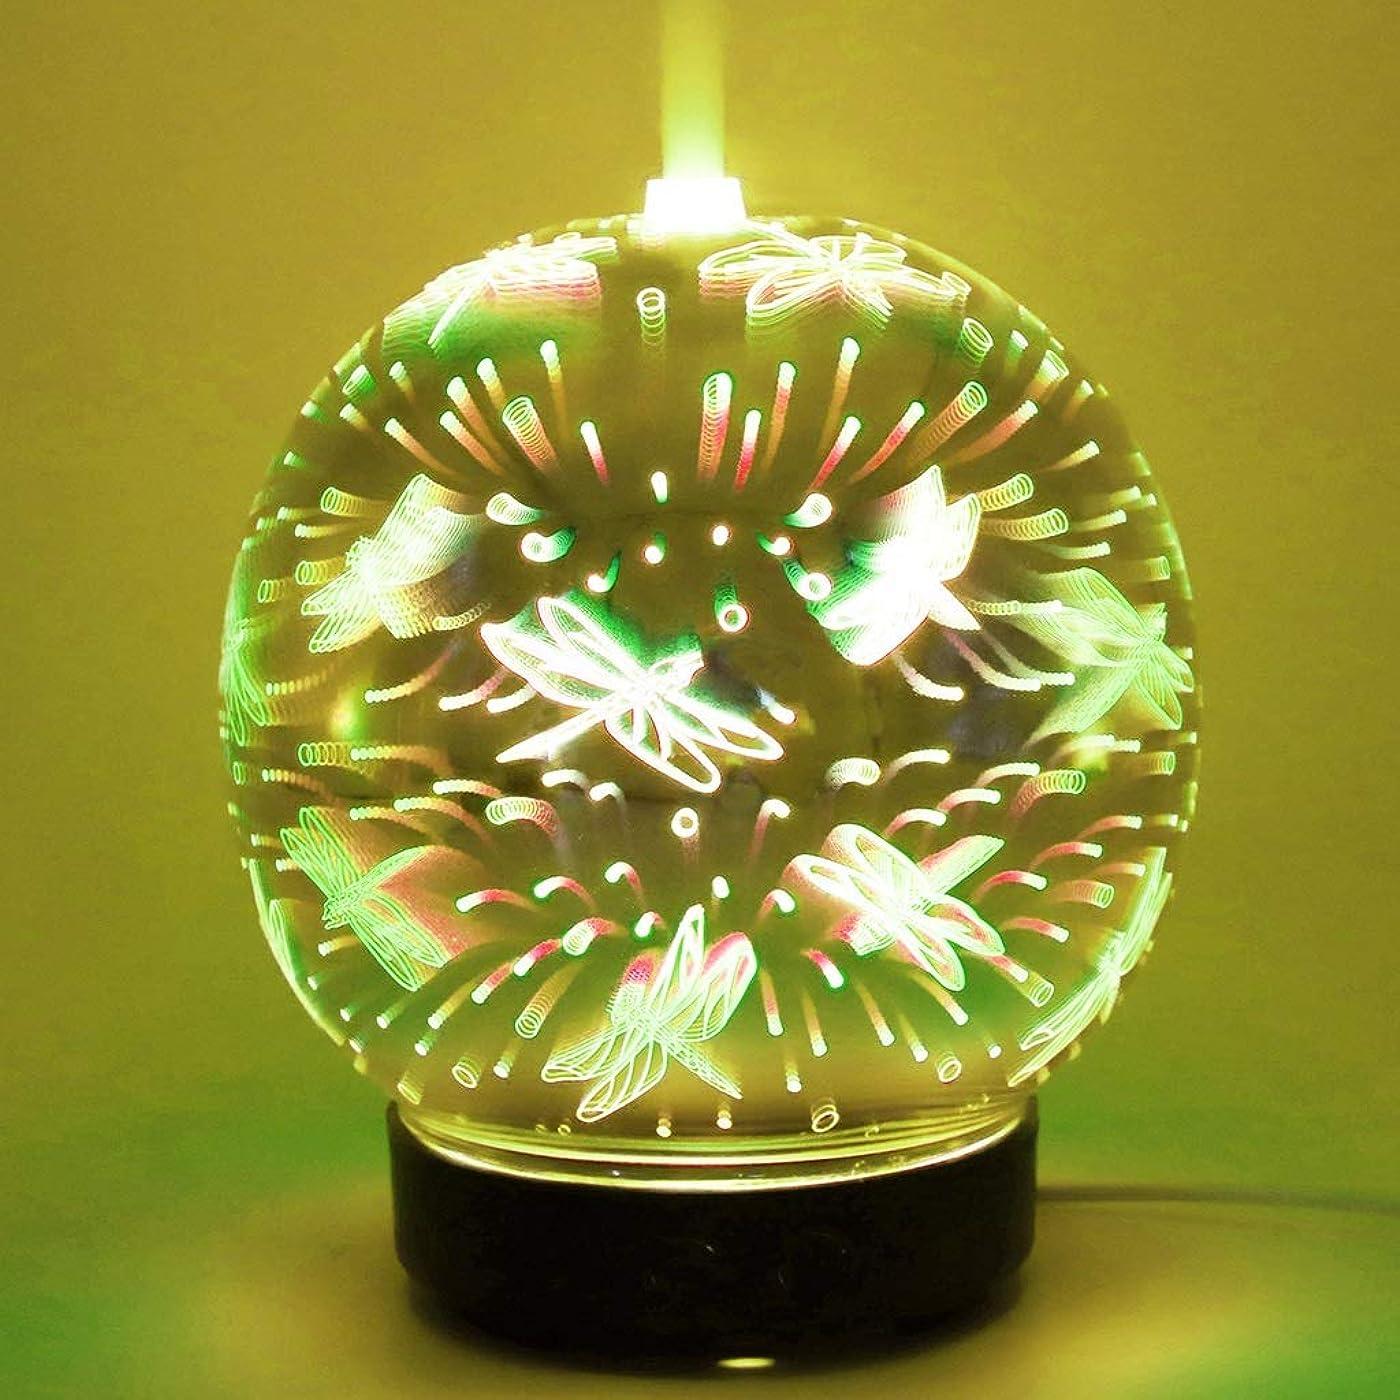 作曲家兵器庫ボンドリードディフューザー クリエイティブカラフルなラブアロマセラピーマシン家電木目超音波霧化3Dグラスアロマ加湿器アロマランプカラフルなサイレントスプレー YHDD (Color : J)